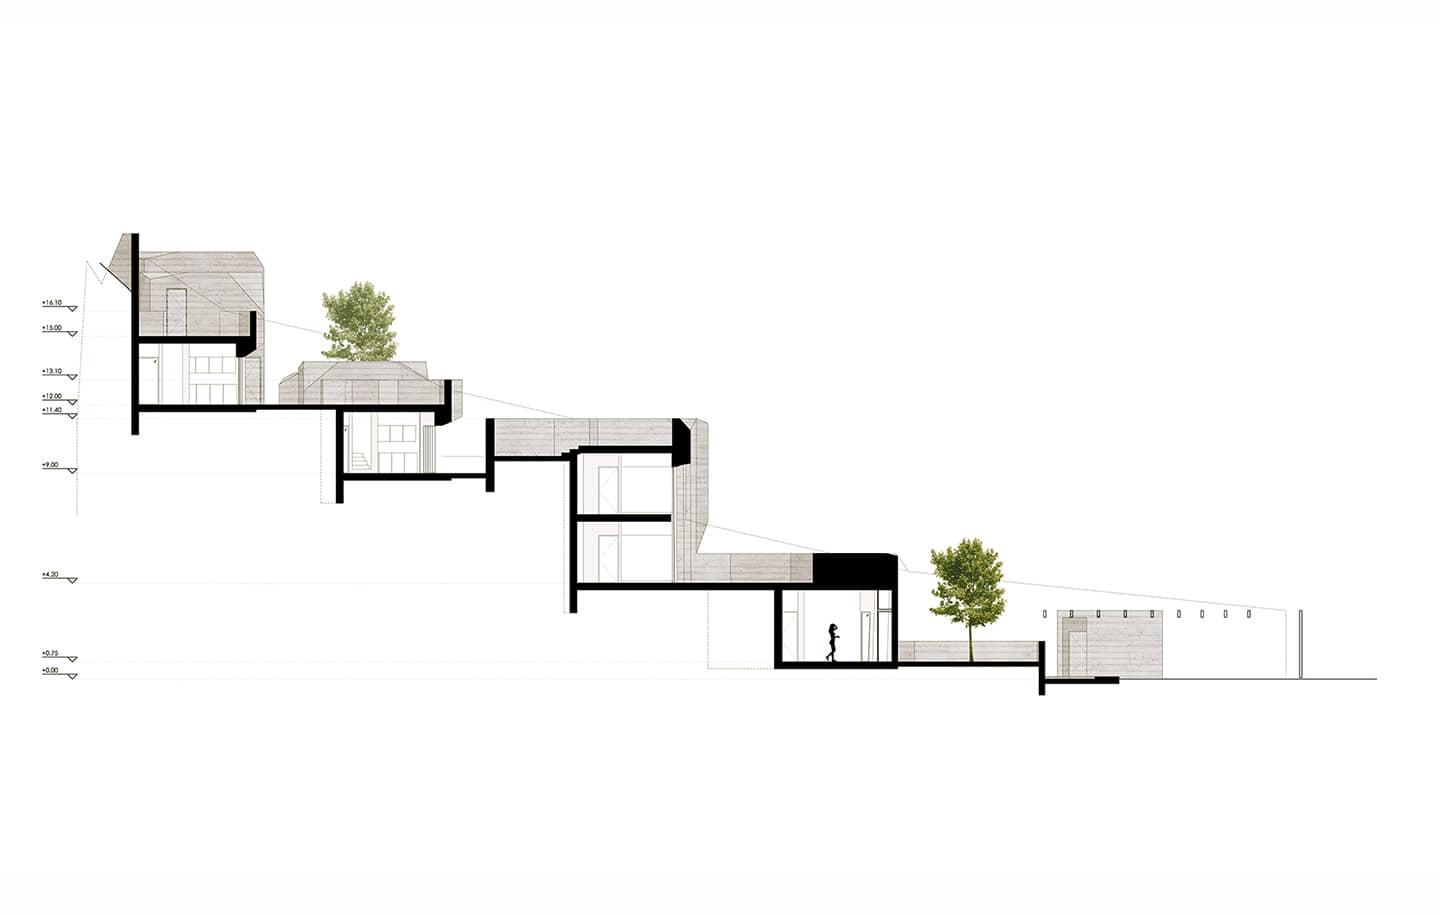 alt=corte de de las unidades habitacionales de vivienda unifamiliar